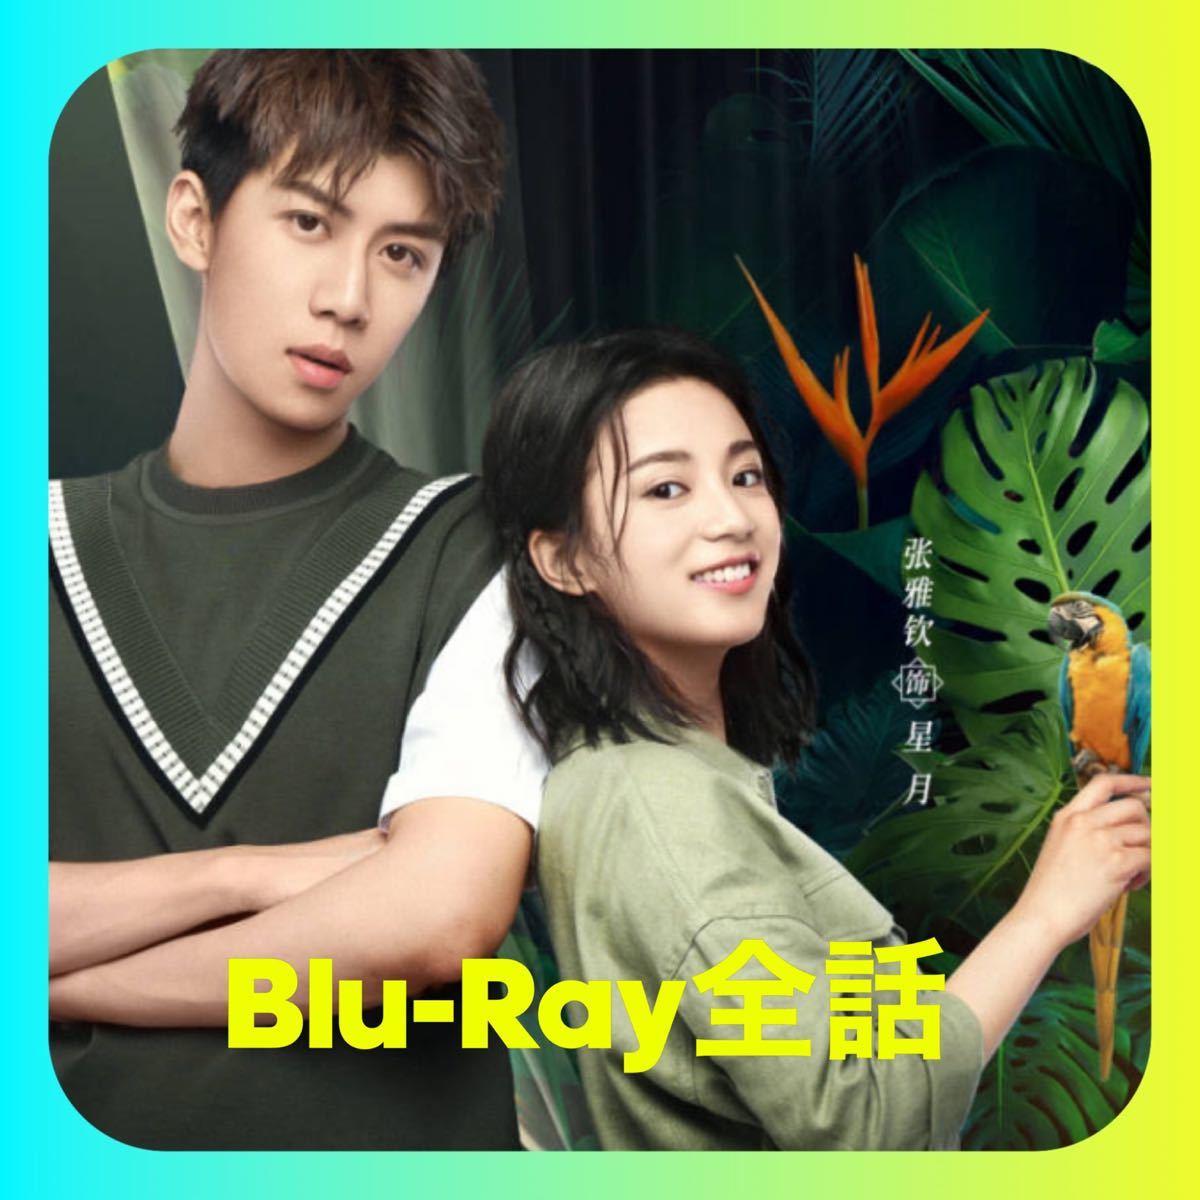 中国ドラマ 原始的な彼女 Blu-Ray 全話